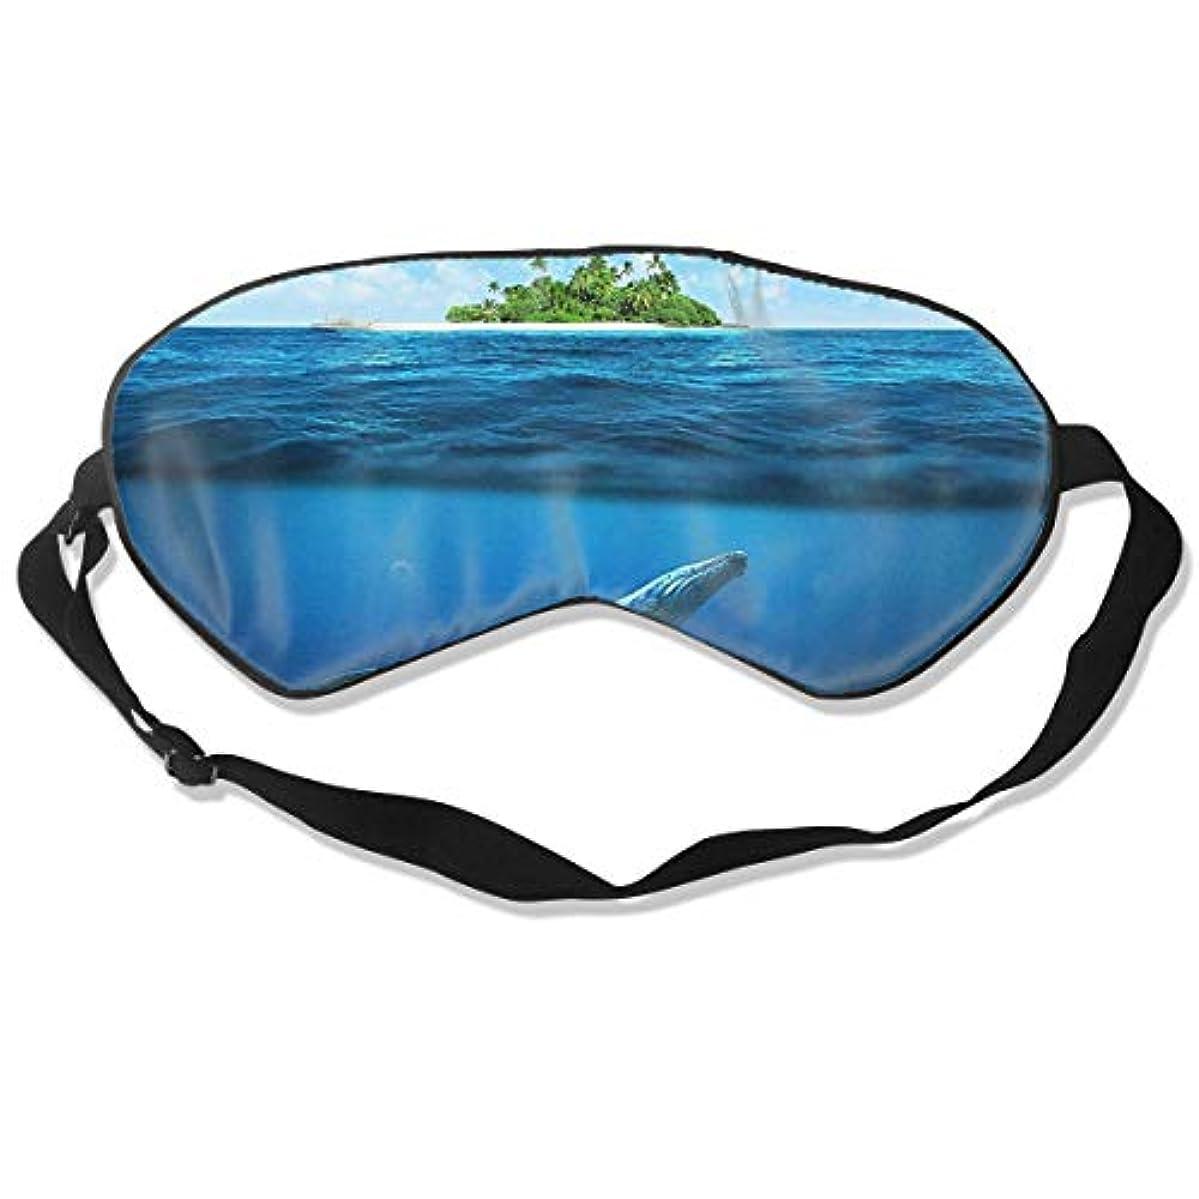 幸運撤回するメイン通気性のある睡眠マスク、簡単な睡眠、旅行、リラクゼーション、シフトワークのためのスーパーソフトアイマスク(ザトウクジラ-熱帯の島の海)